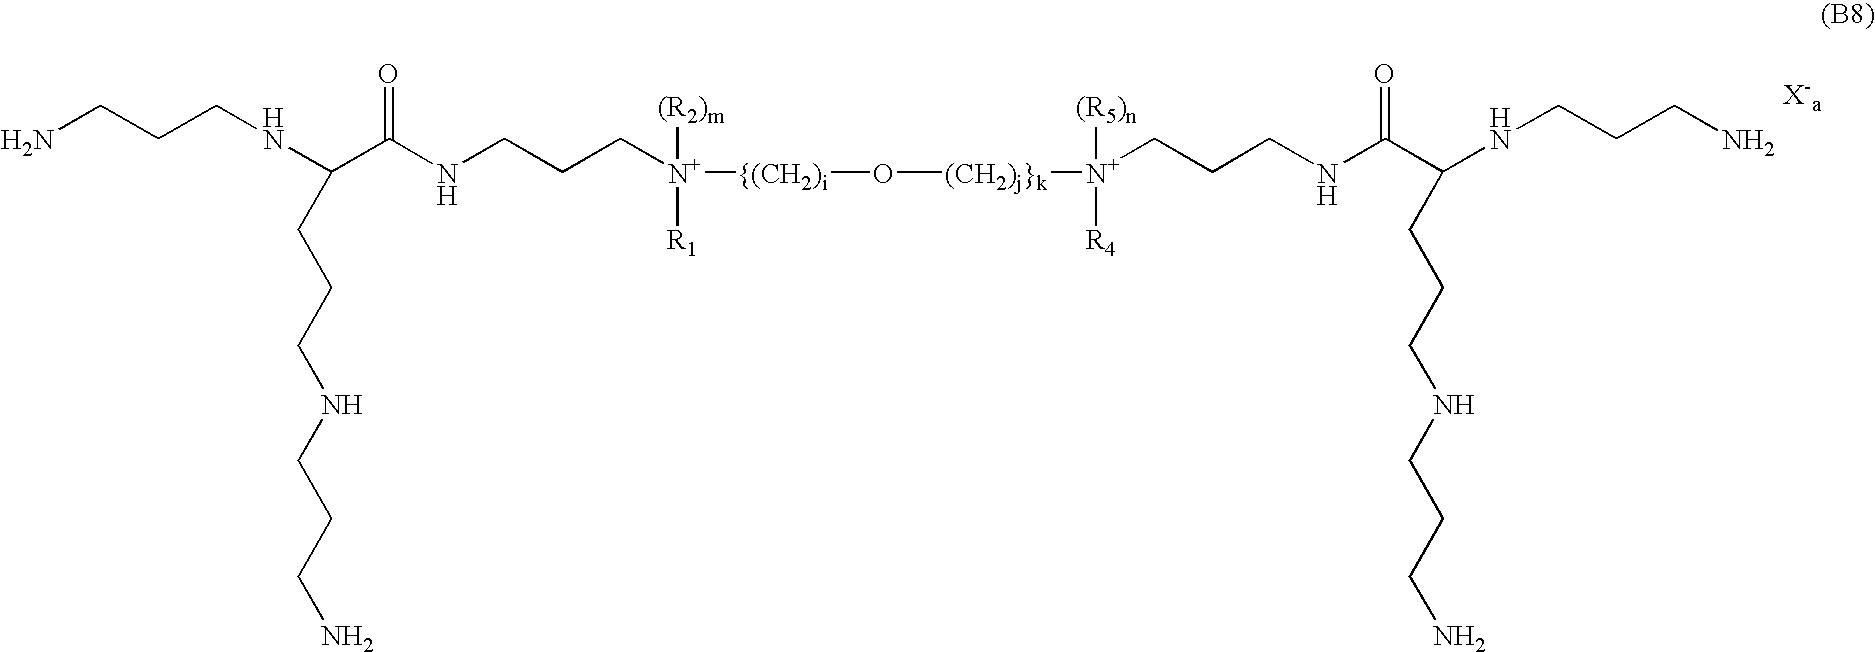 Figure US07323594-20080129-C00033